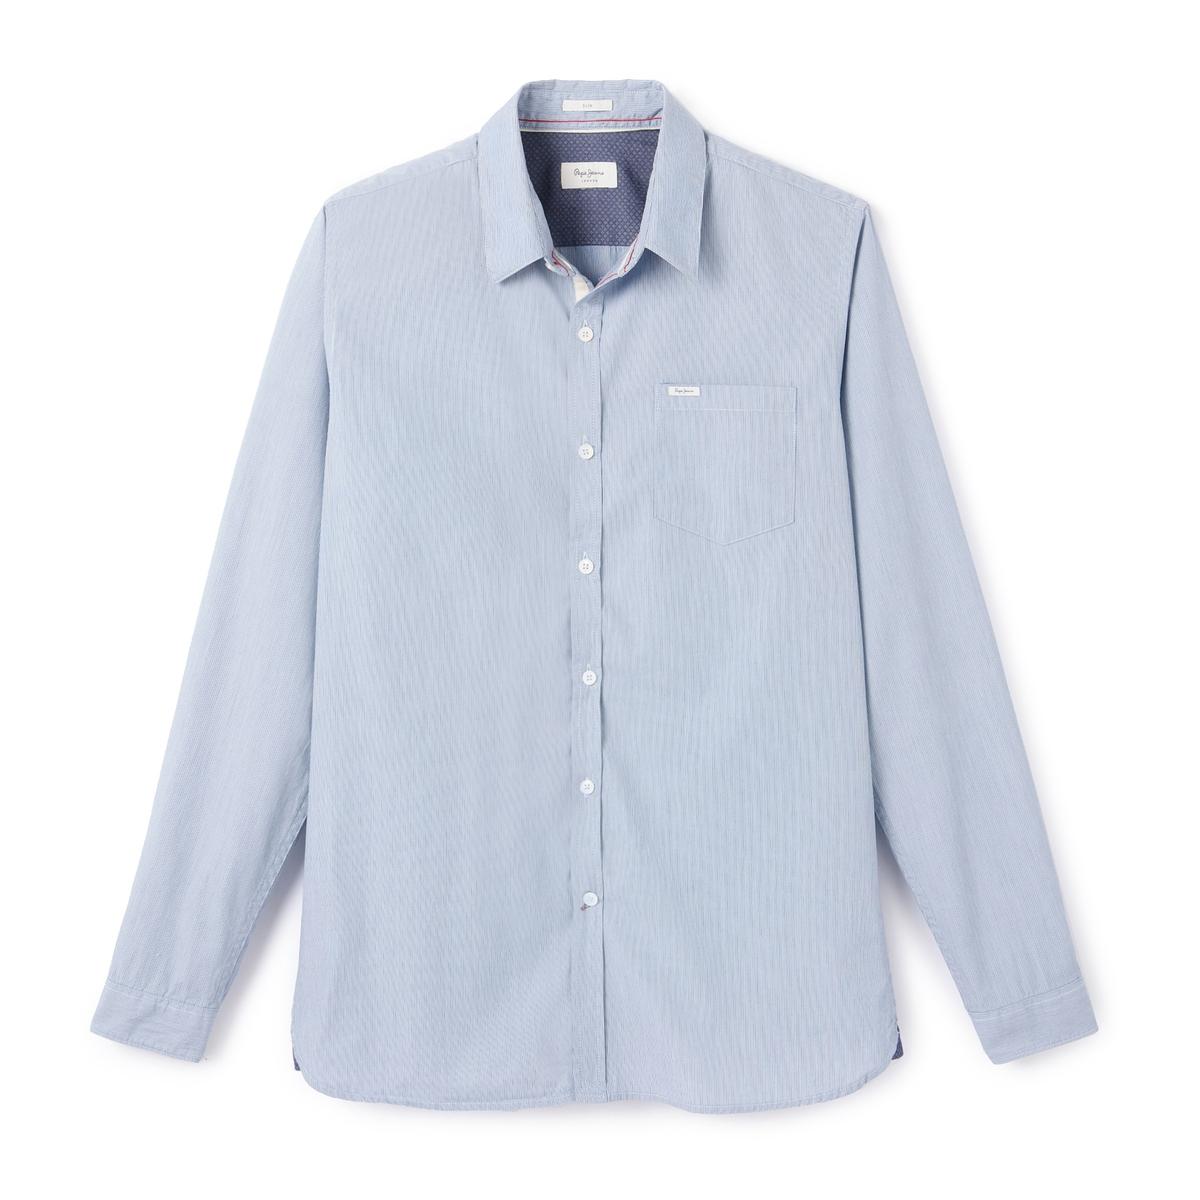 Рубашка с длинными рукавамиДетали •  Длинные рукава •  Приталенный покрой   •  Классический воротник •  Рисунок в полоску  Состав и уход •  100% хлопок •  Следуйте советам по уходу, указанным на этикетке<br><br>Цвет: небесно-голубой